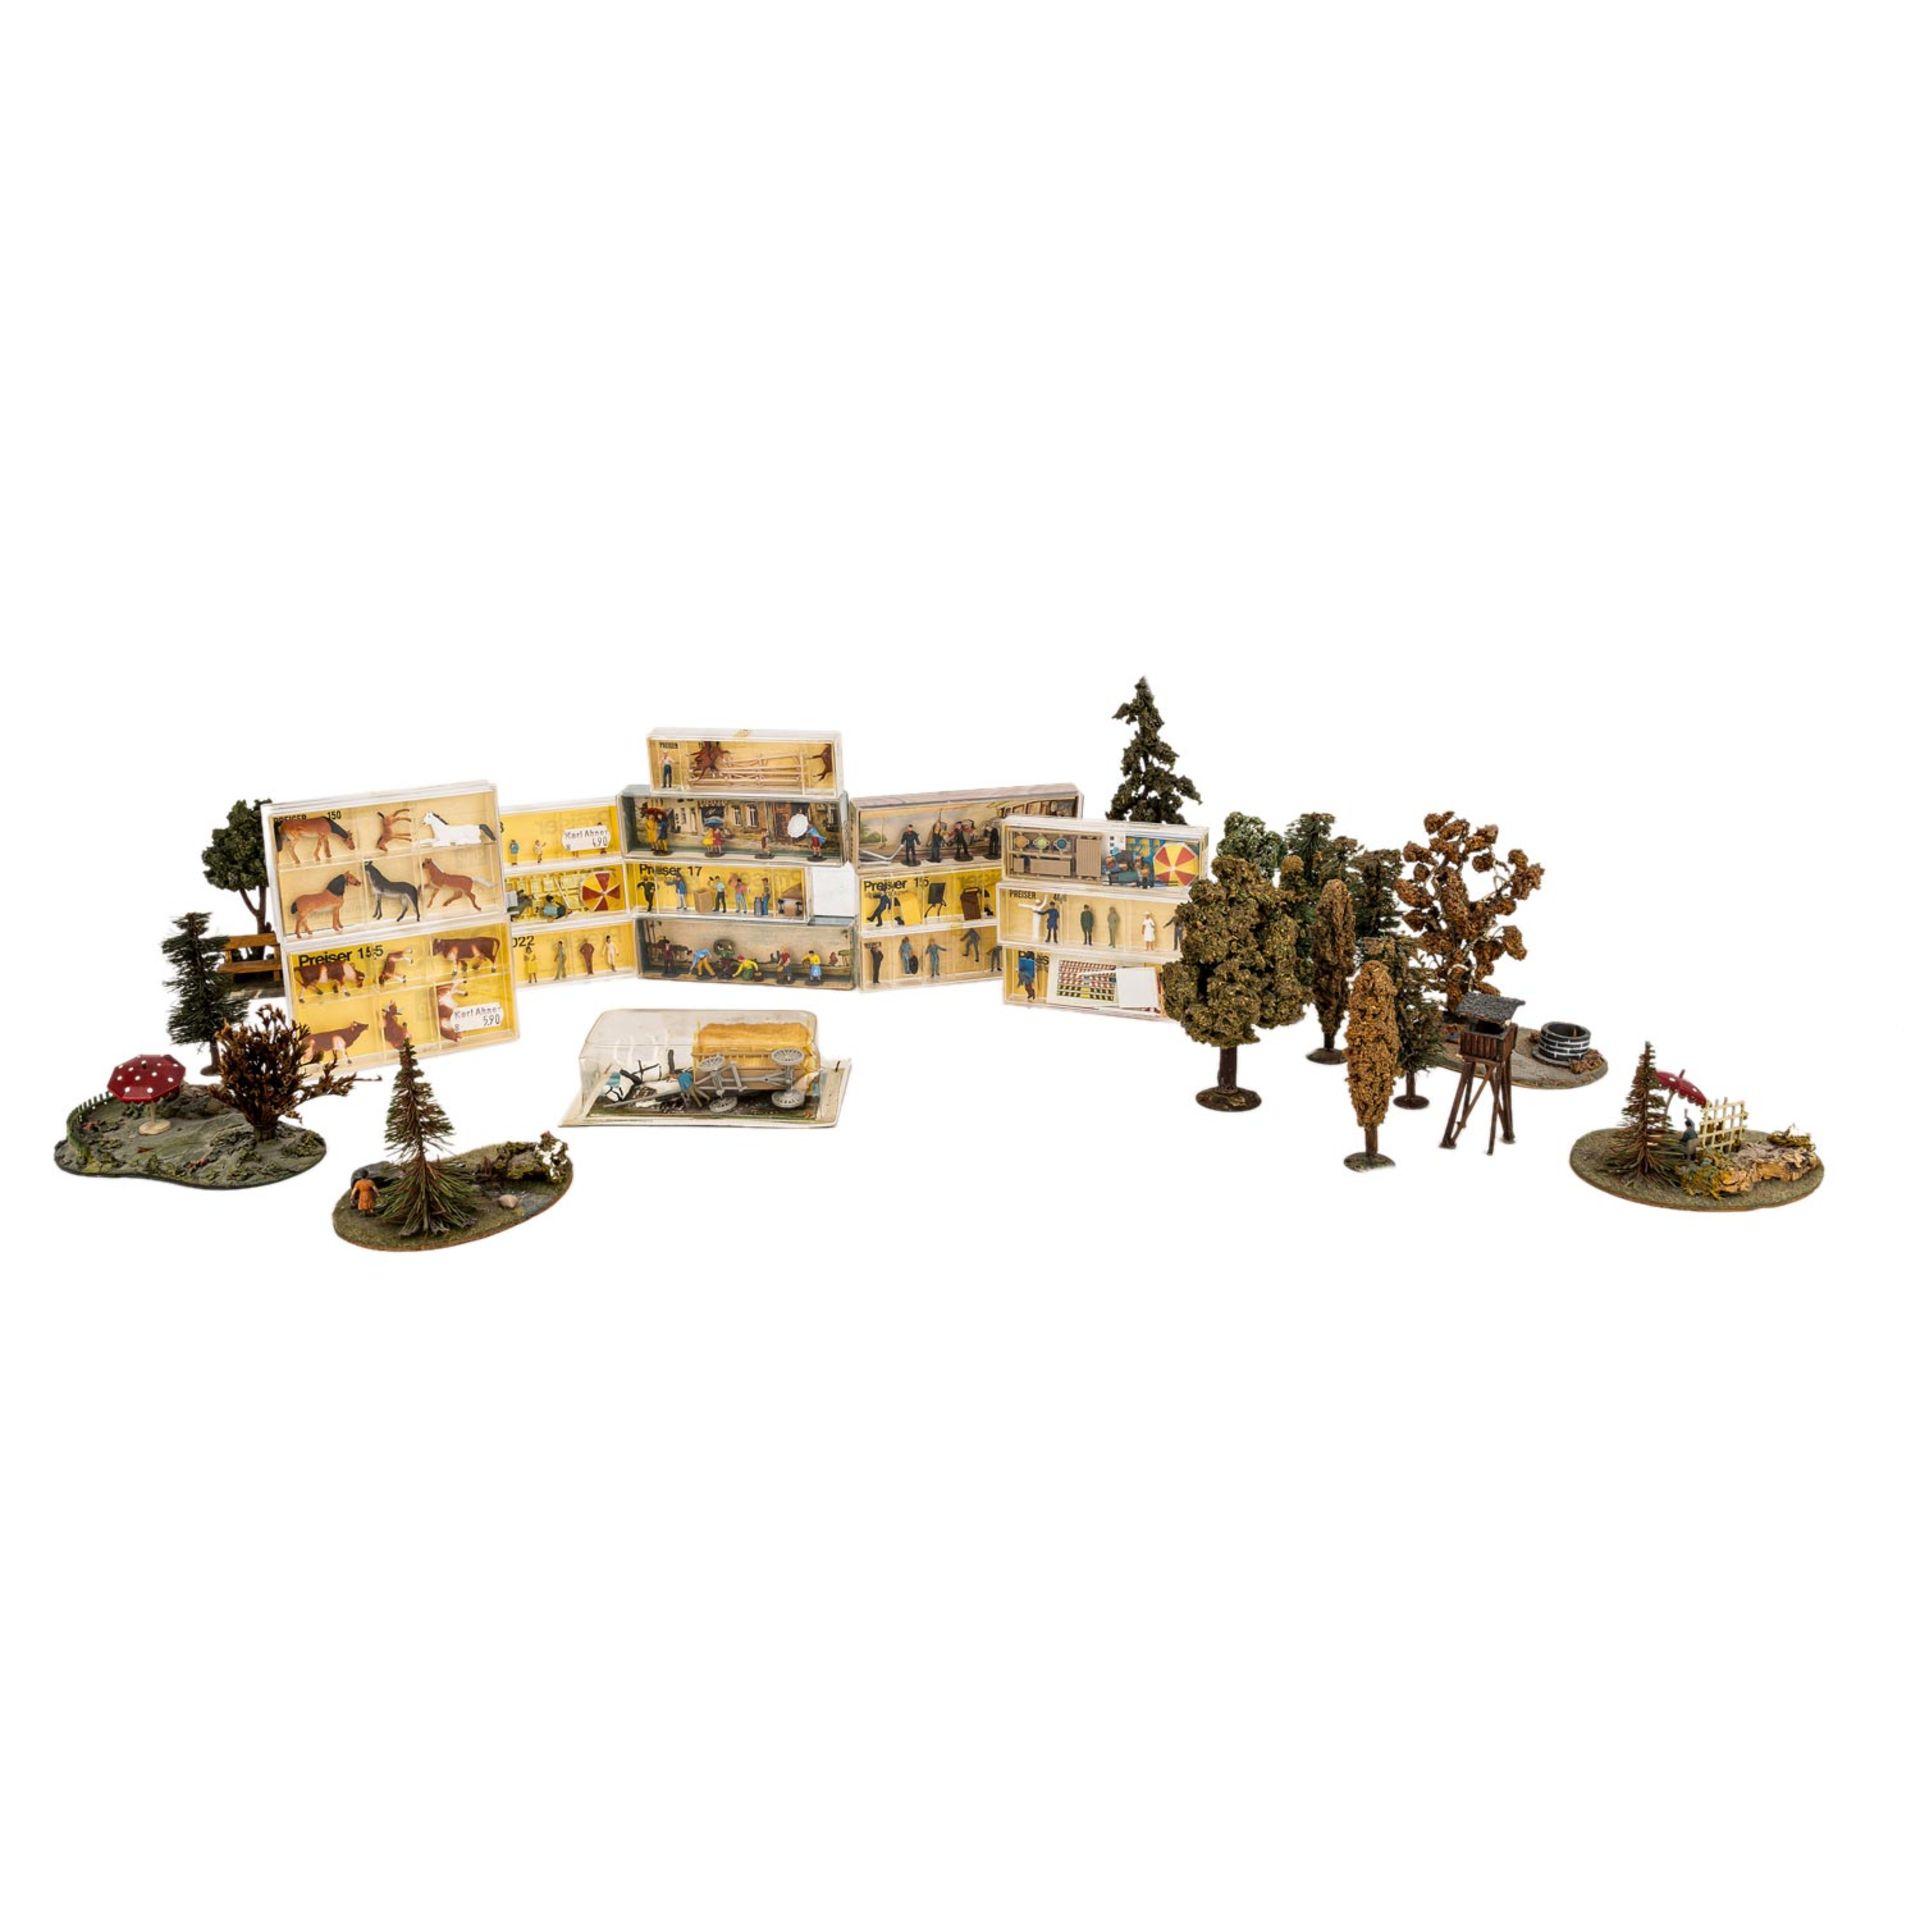 PREISER/MERTEN Miniatur-Dioramen und Figuren für die H0-Anlage,16 verschiedene Figure